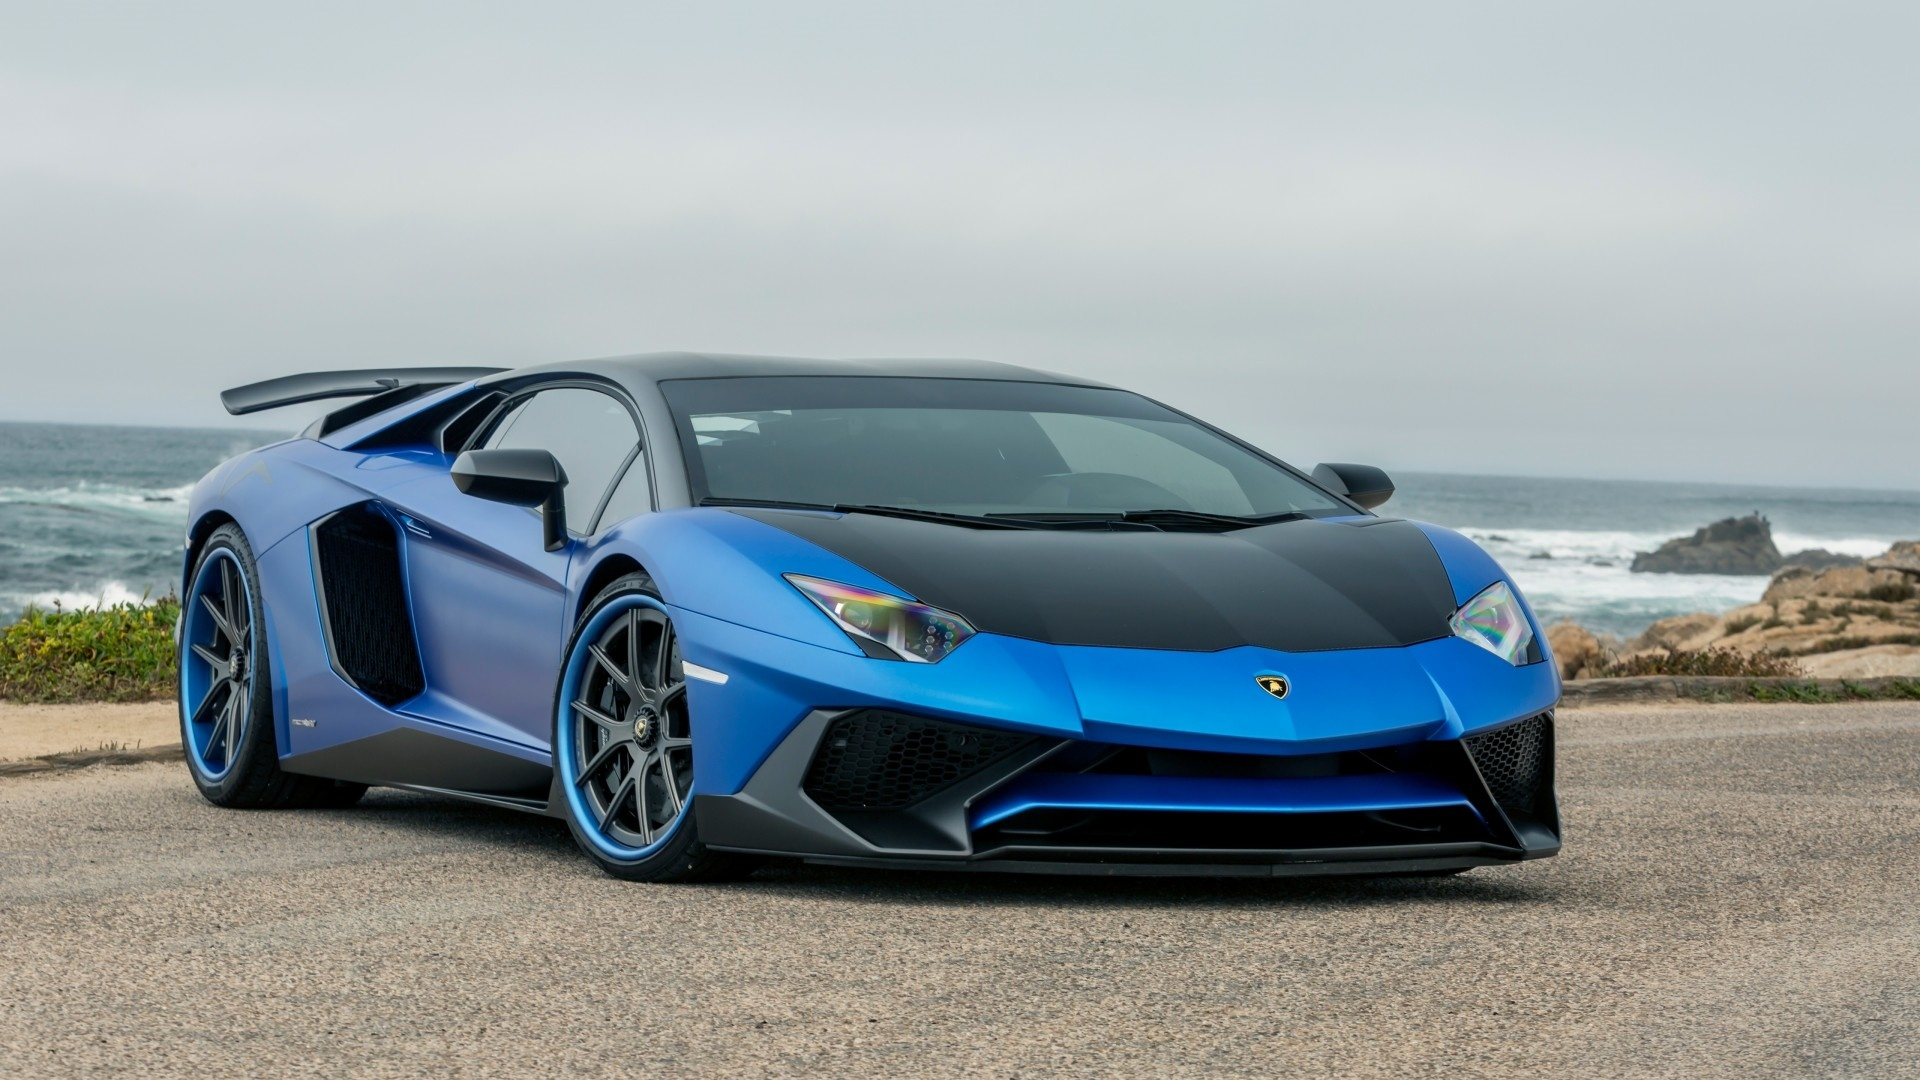 Lamborghini best picture